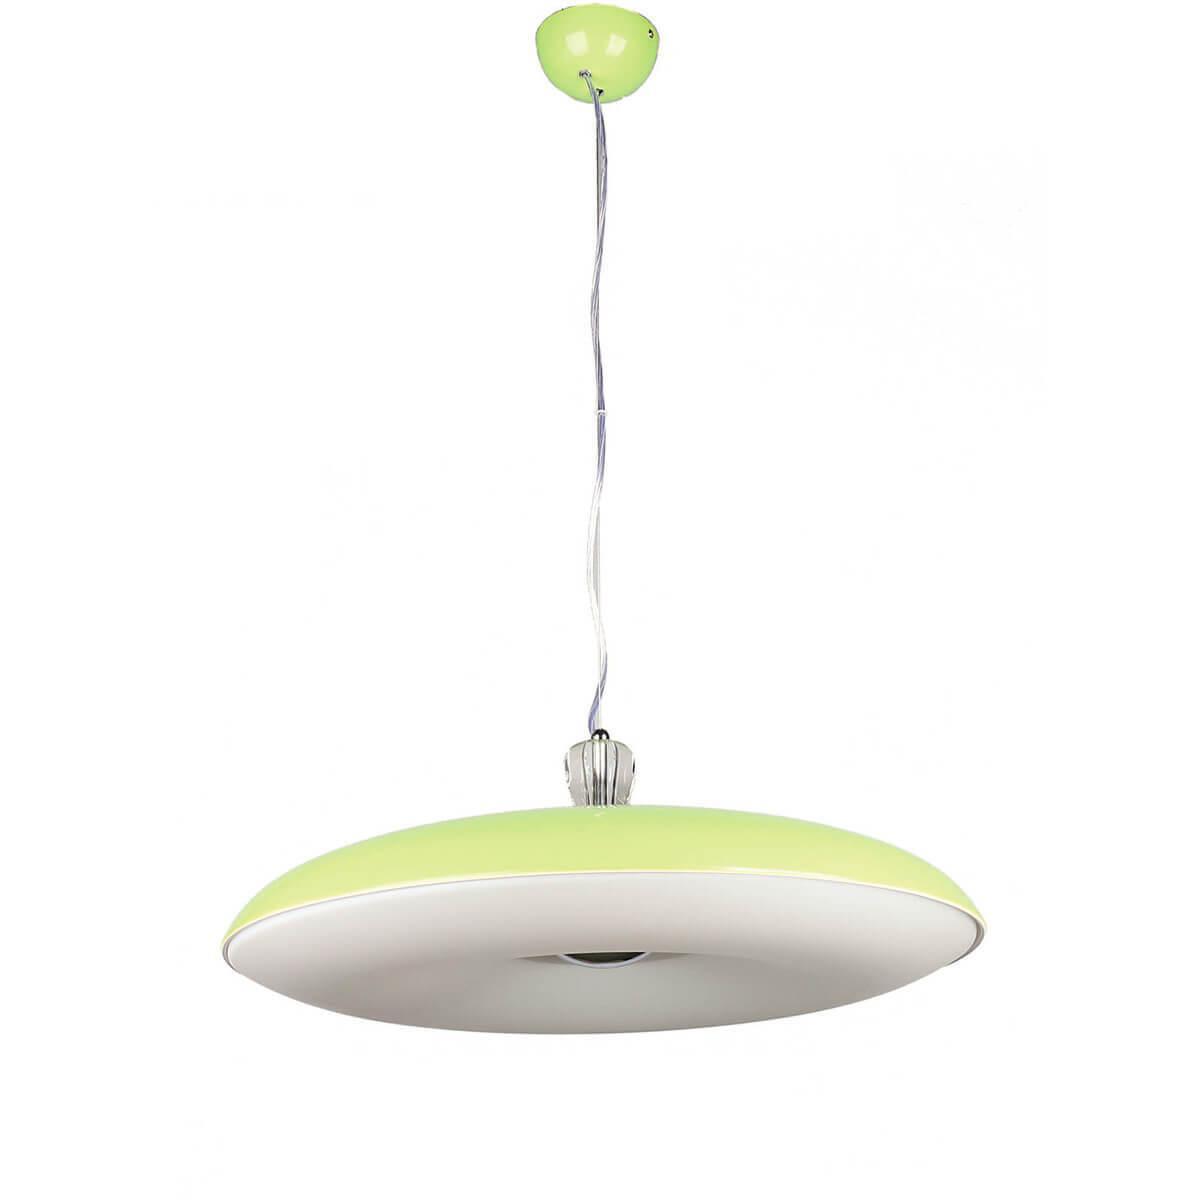 Подвесной светильник Omnilux OML-34736-01, T5, 55 Вт